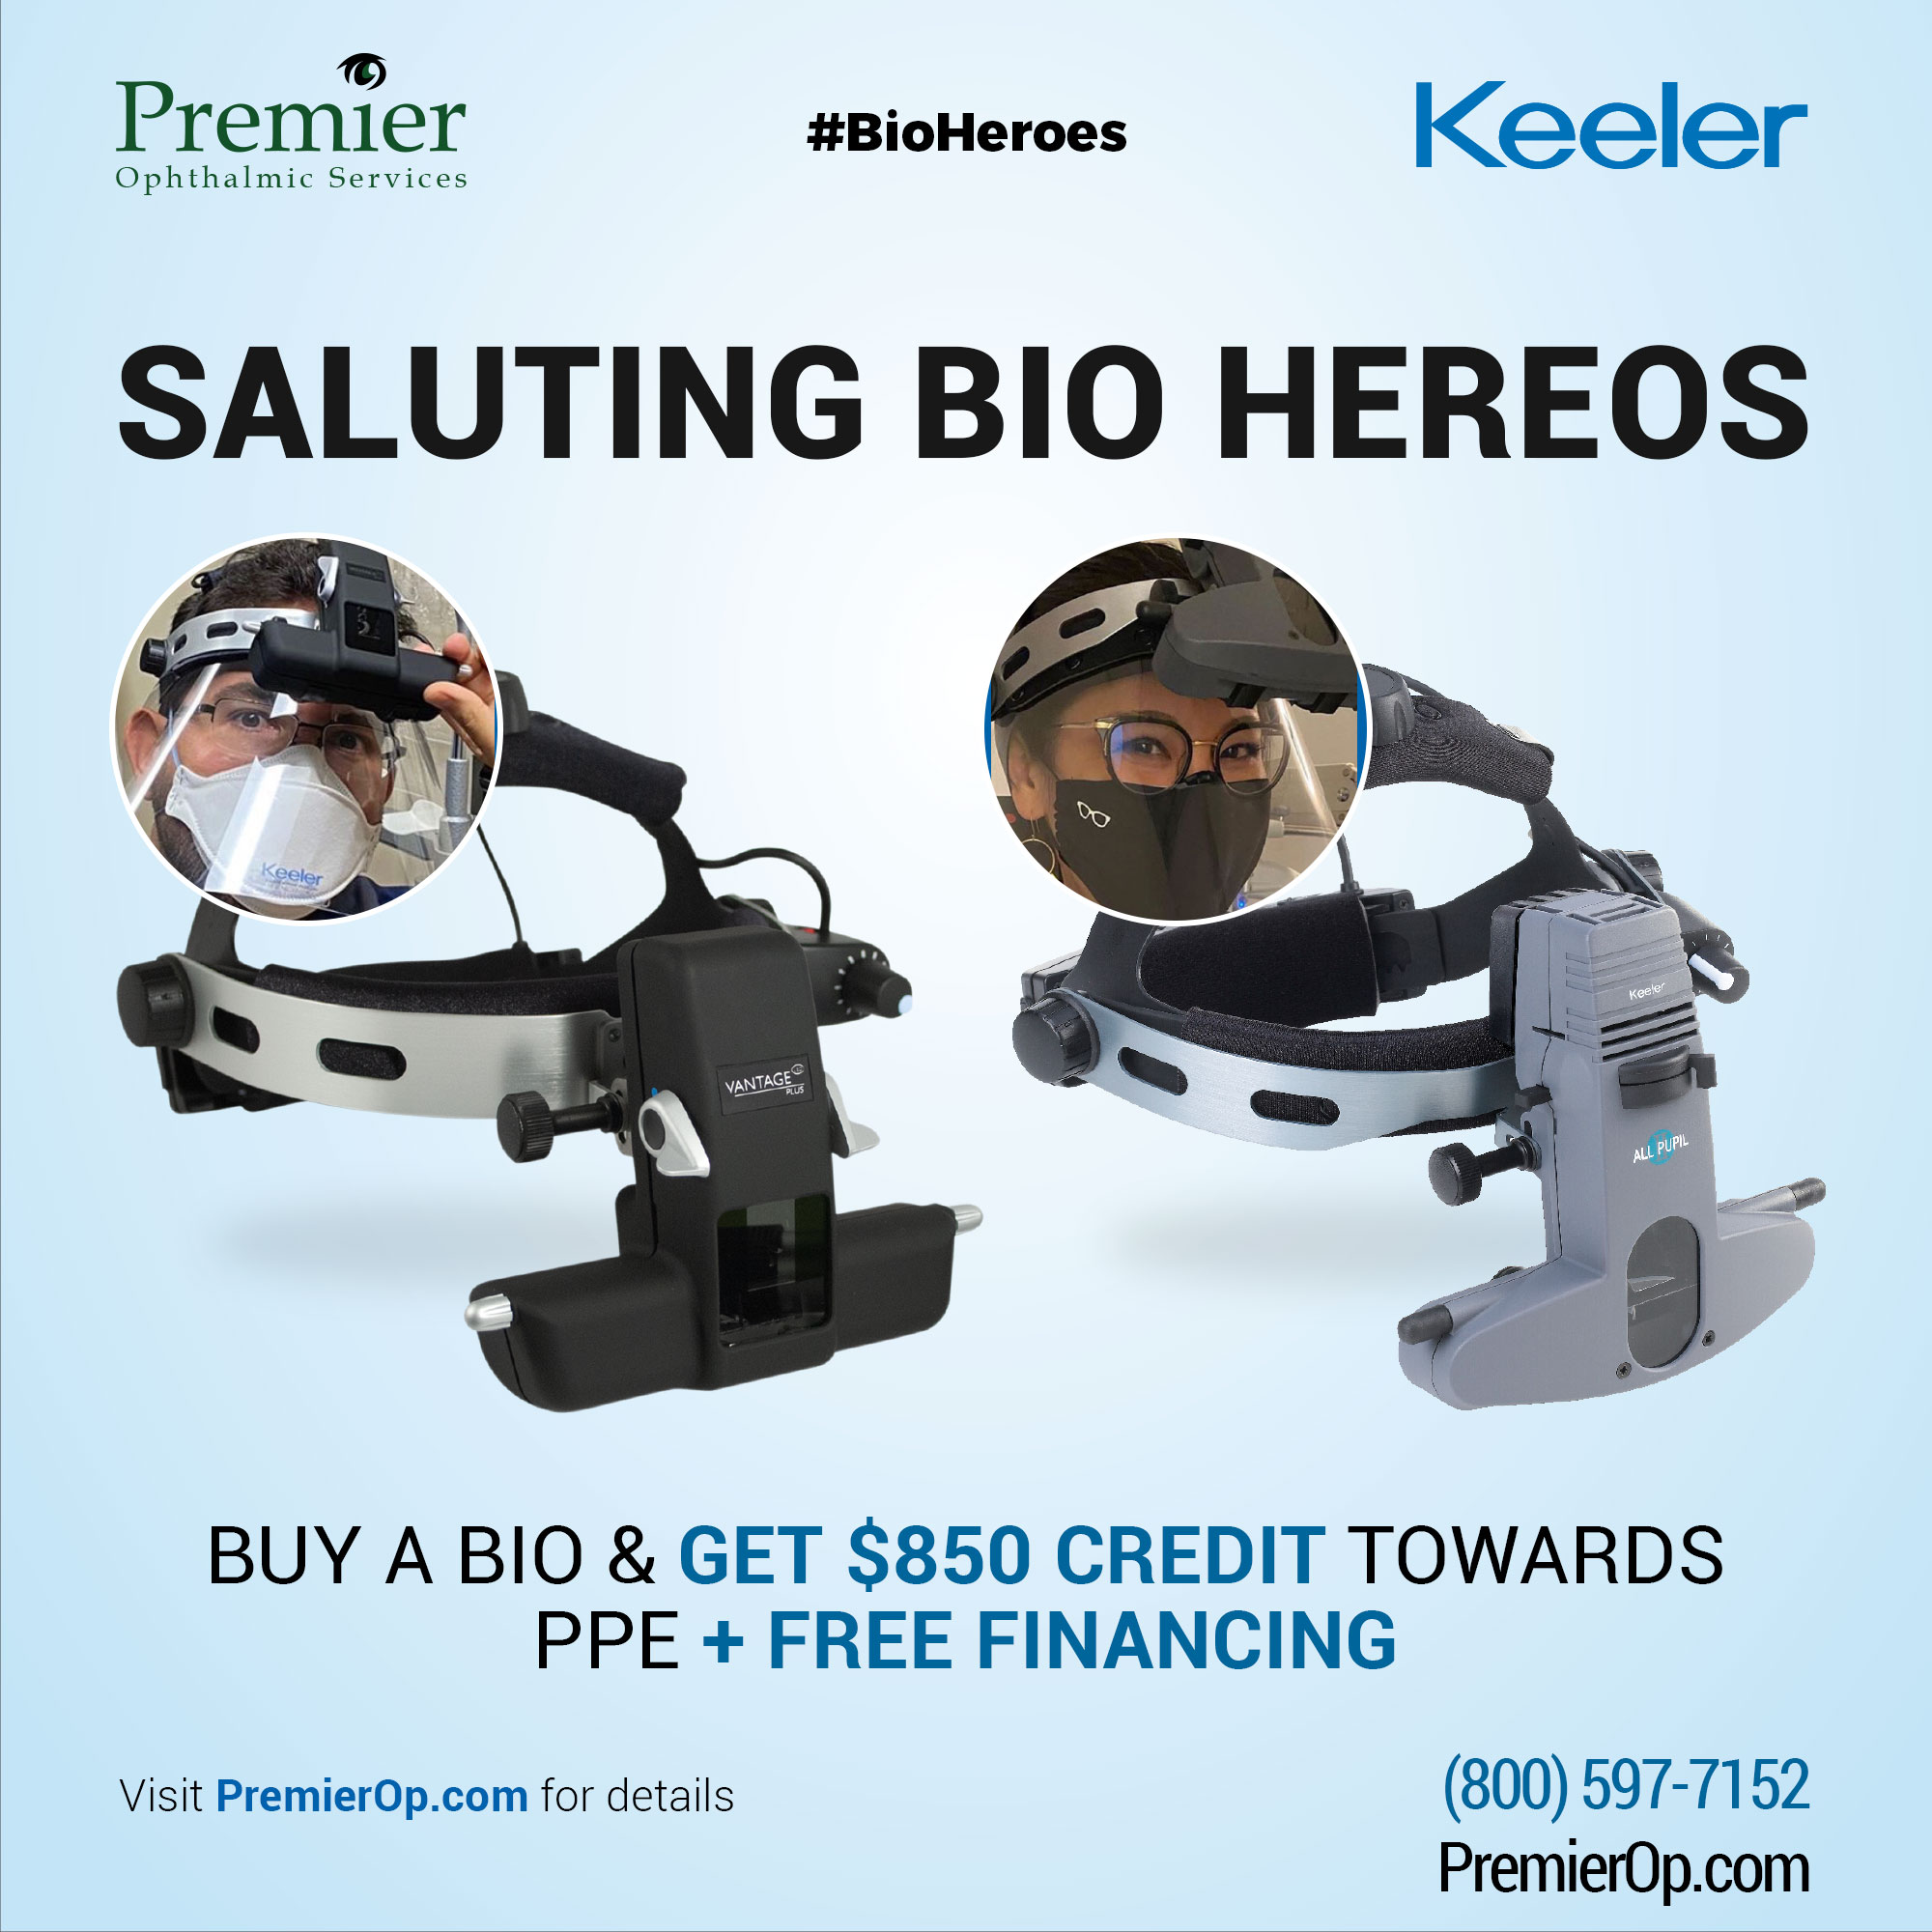 ke-bio-heroes-1.jpg